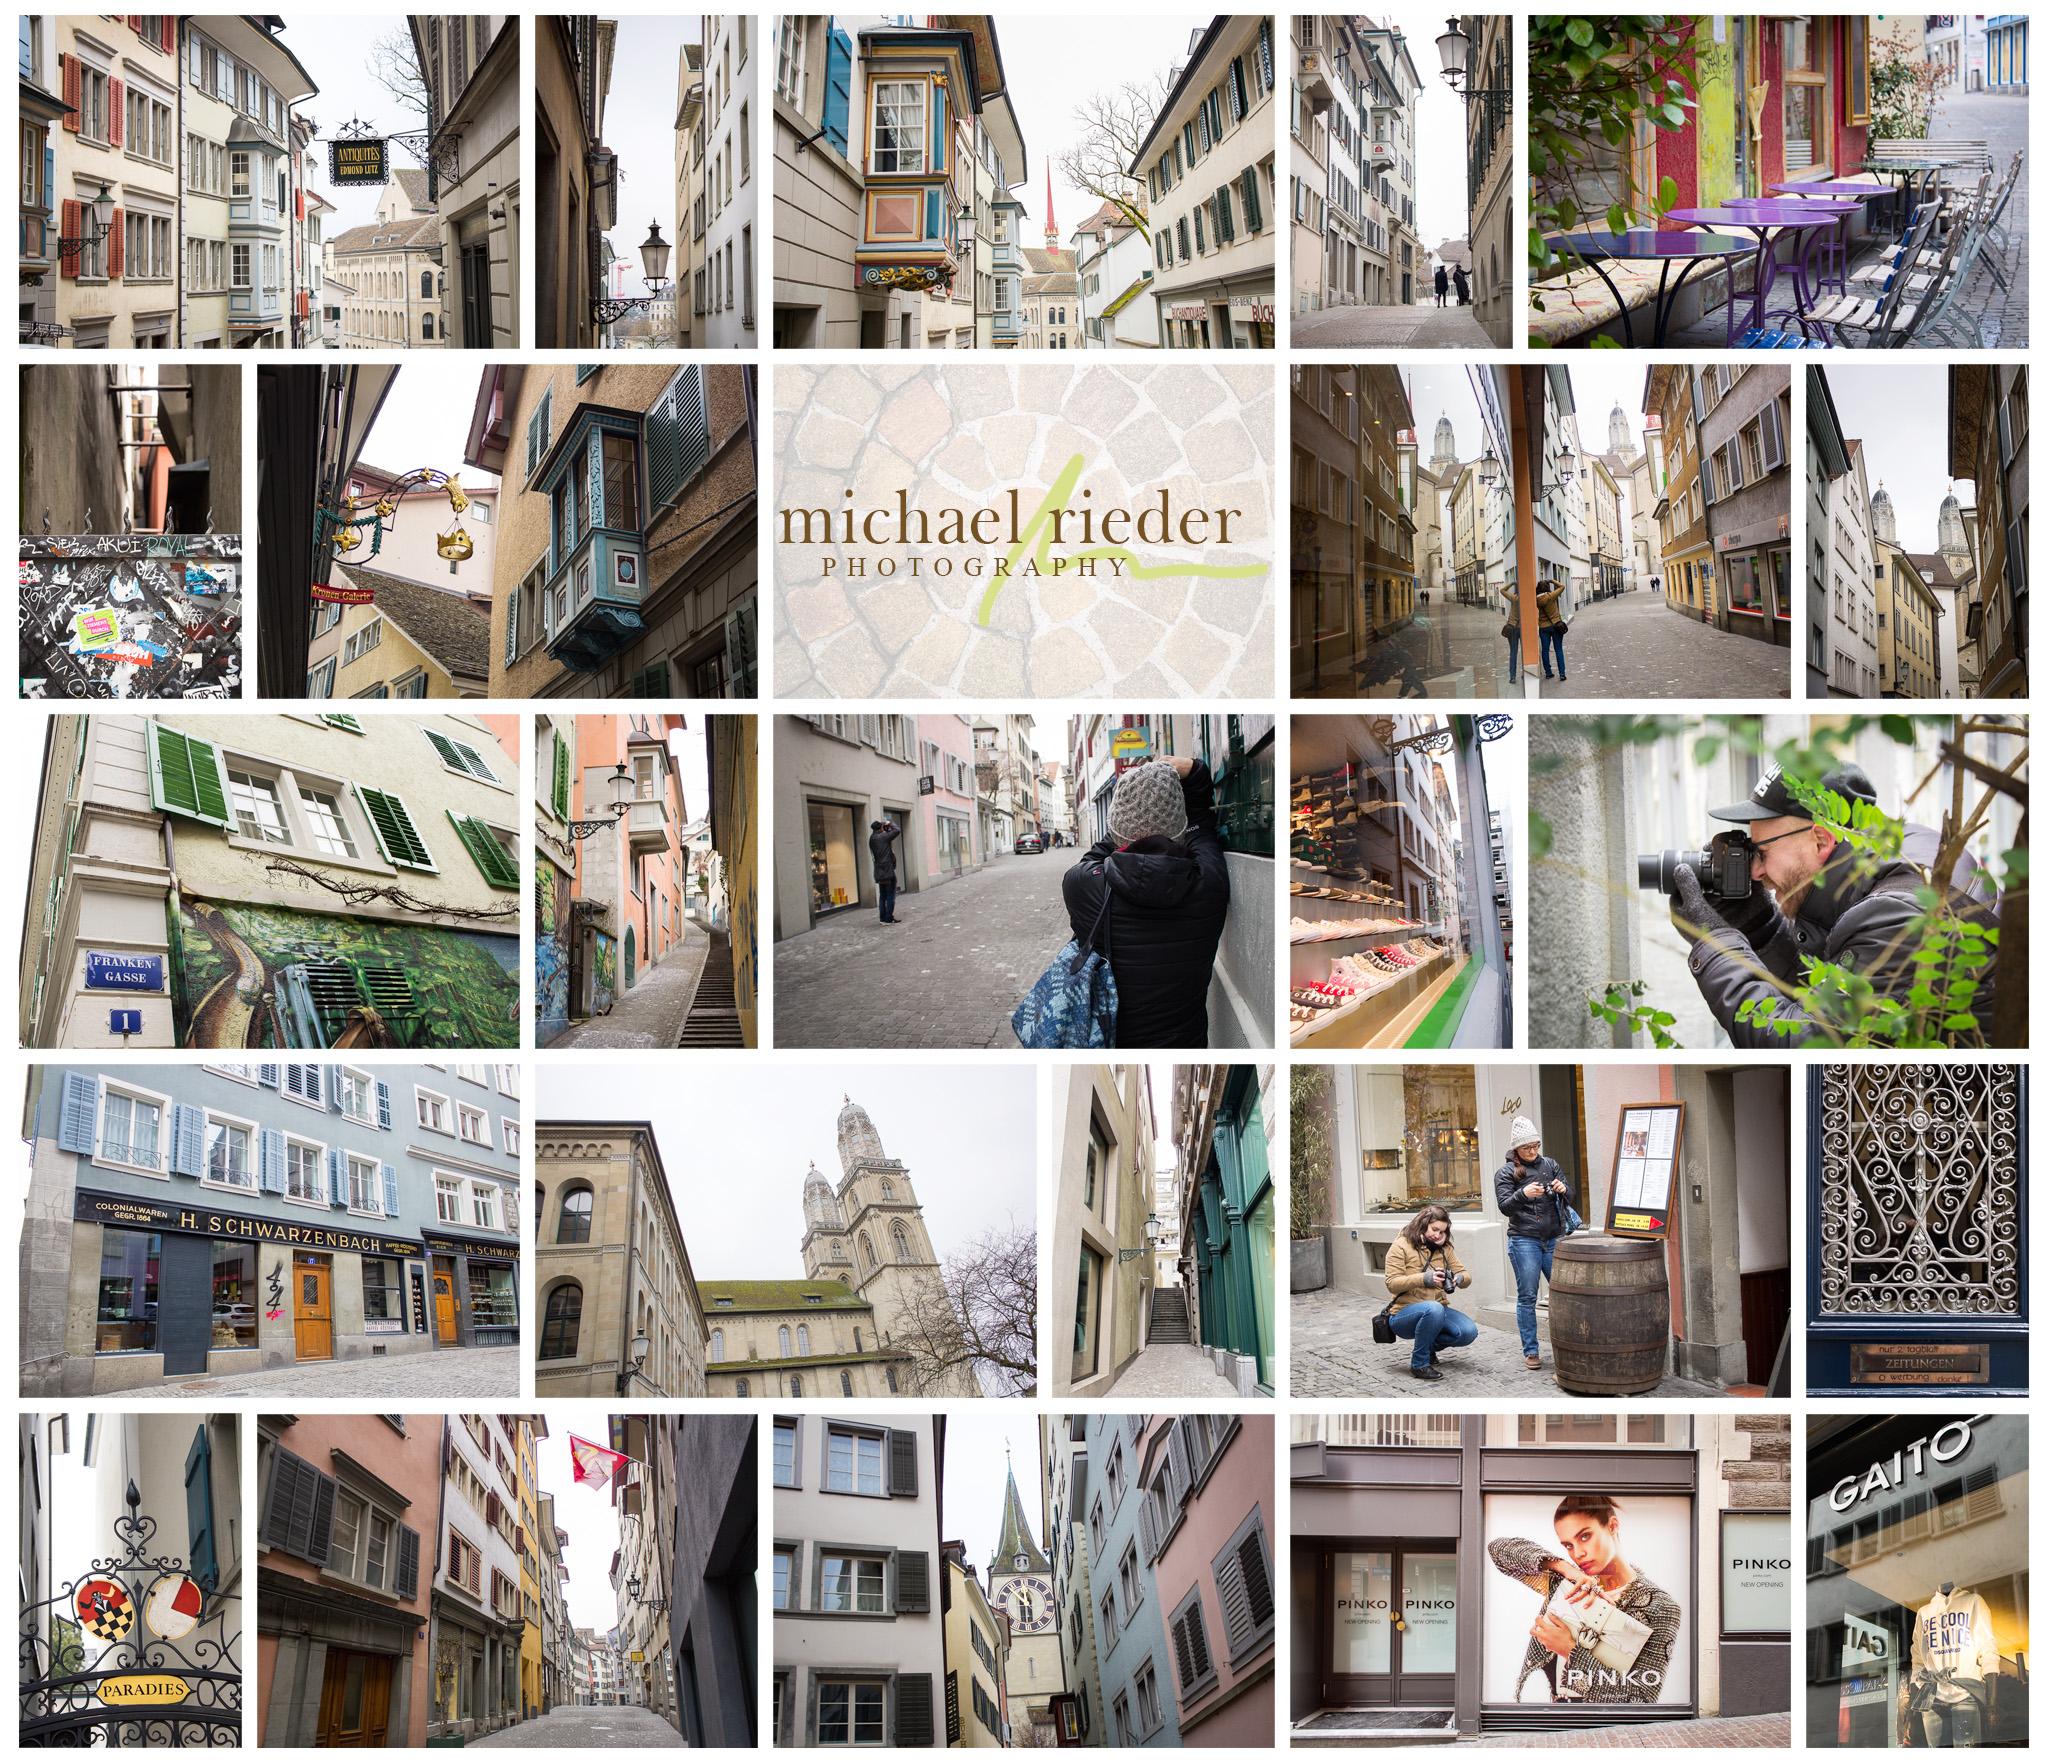 Photo-Walk-Talk vom 18.03.2018 in Zürich-City | Michael Rieder Photography